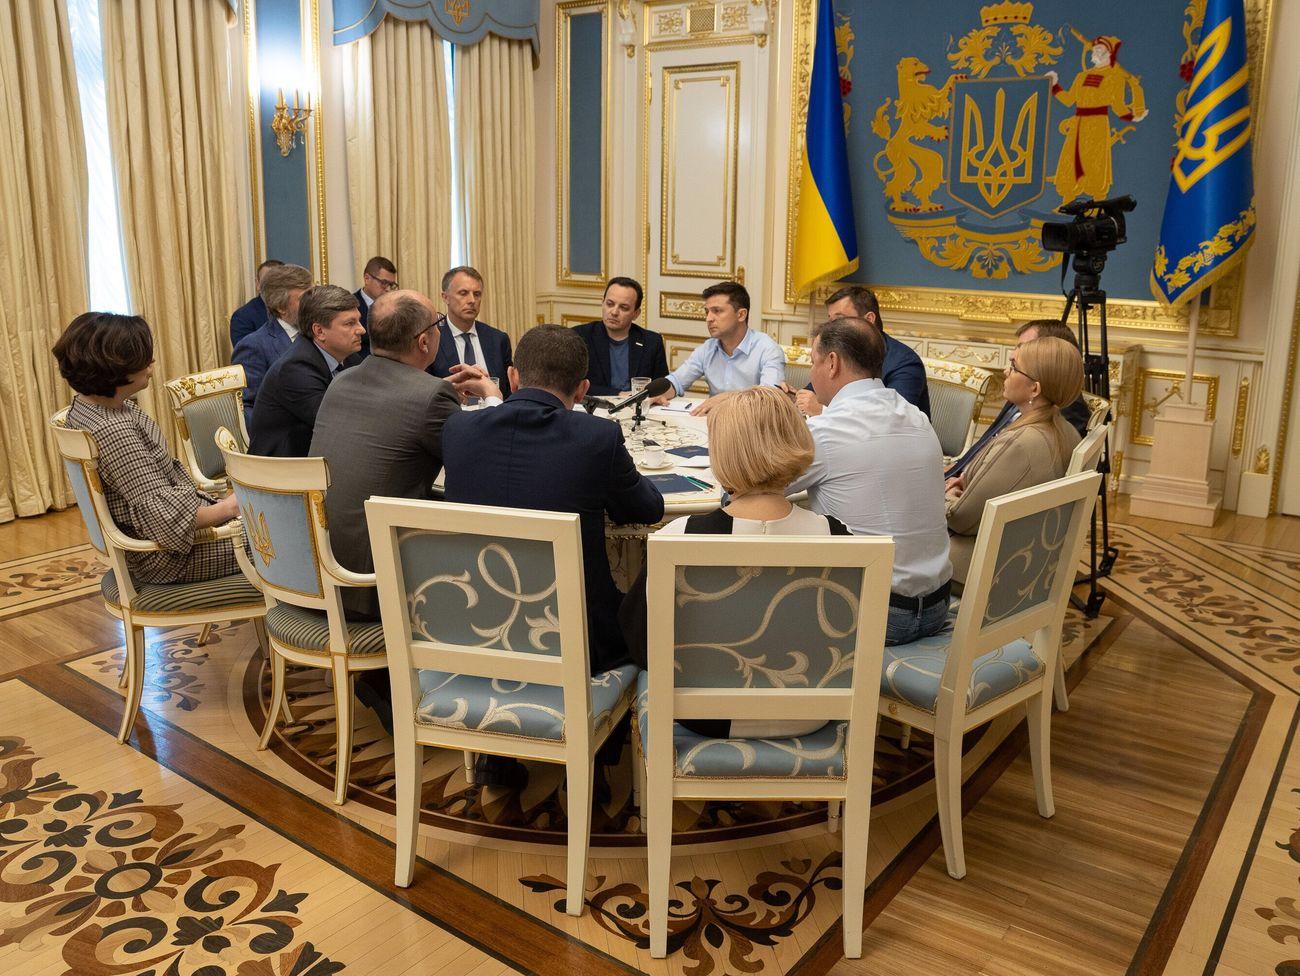 Перед назначением досрочных выборов Зеленский провел консультации с представителями Рады. Фоторепортаж